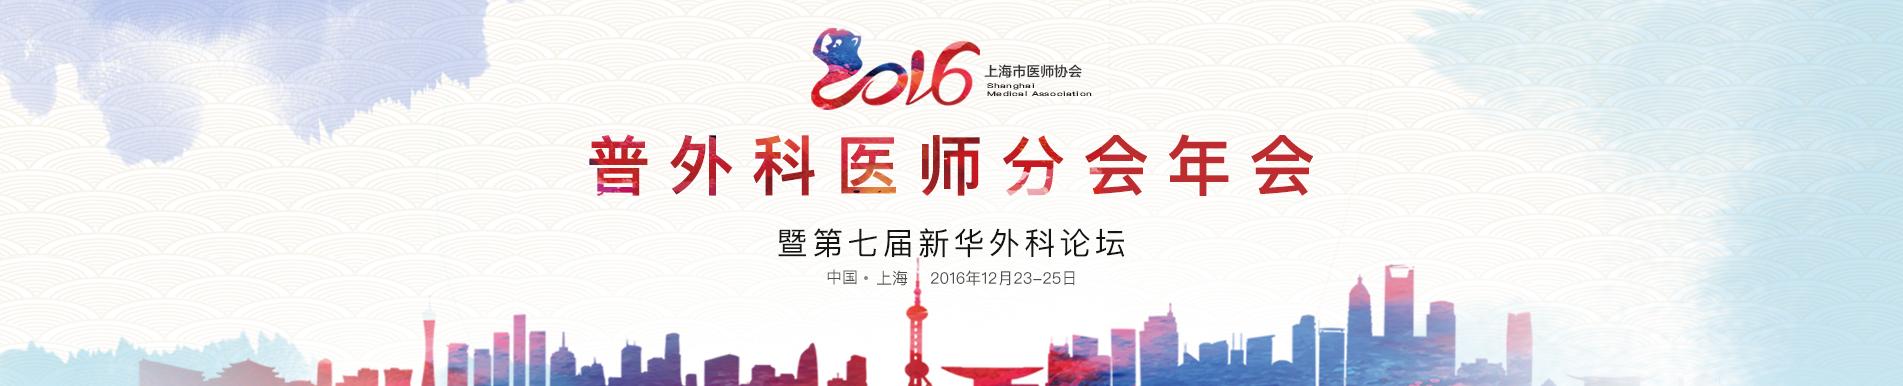 2016上海市医师协会普外科医师分会年会